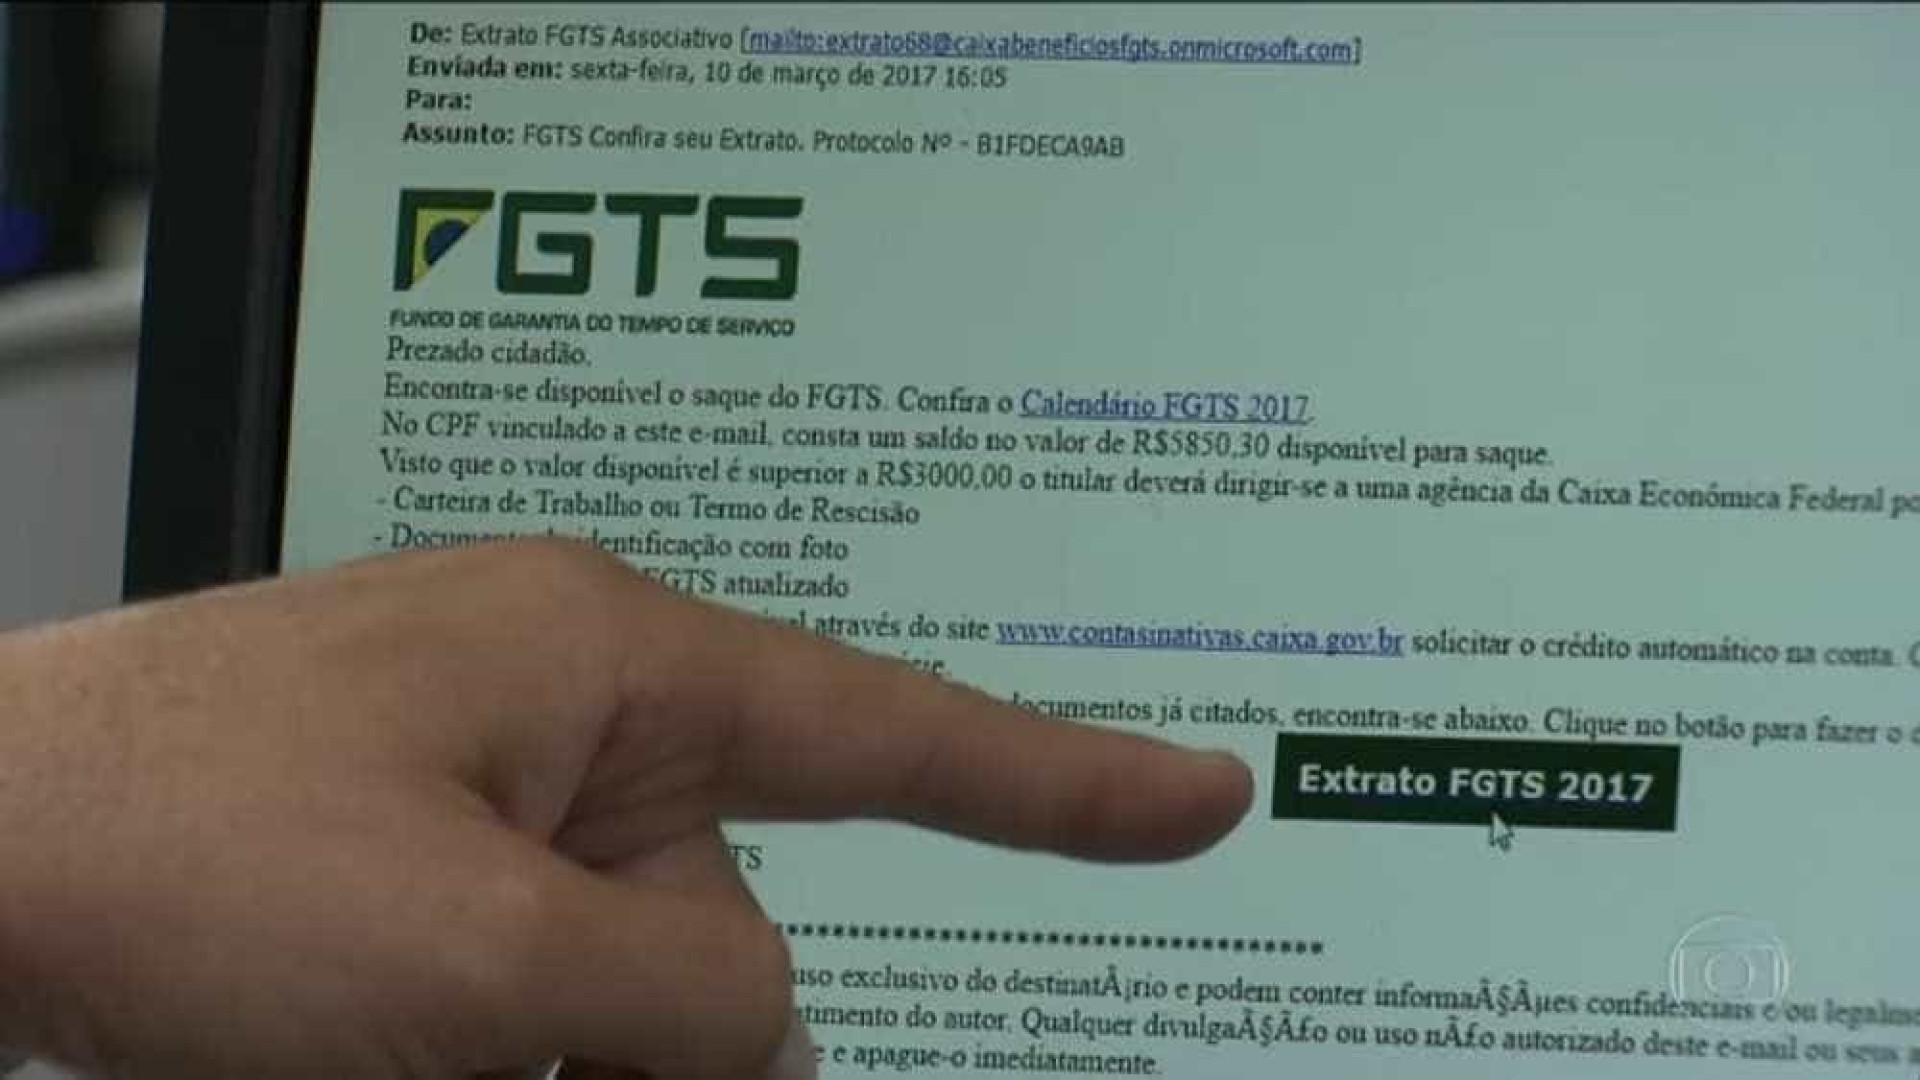 Novo golpe pode consultar movimentação de contas inativas do FGTS